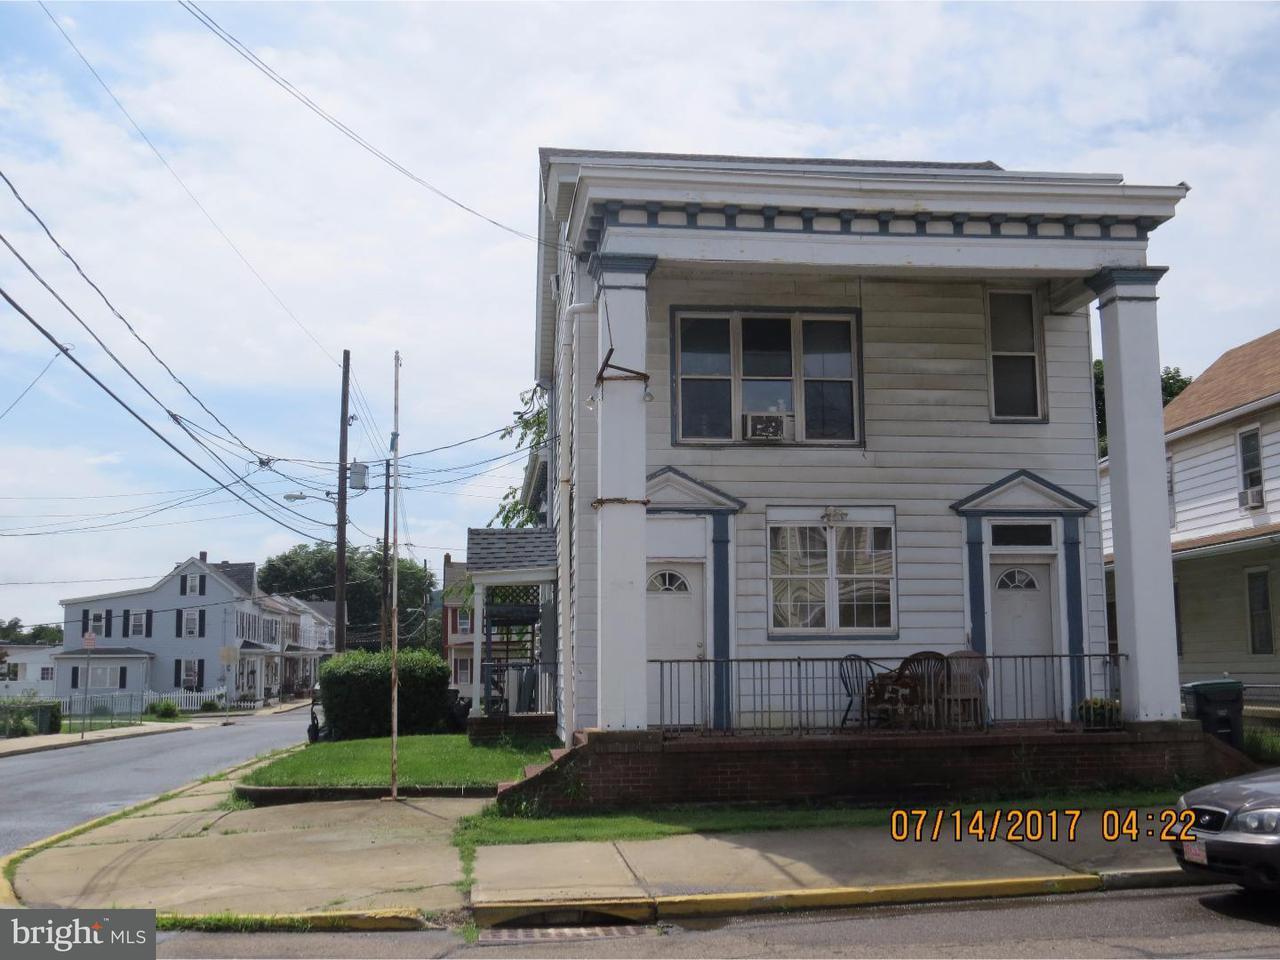 Casa Unifamiliar por un Alquiler en 503 DOCK Street Schuylkill Haven, Pennsylvania 17972 Estados Unidos